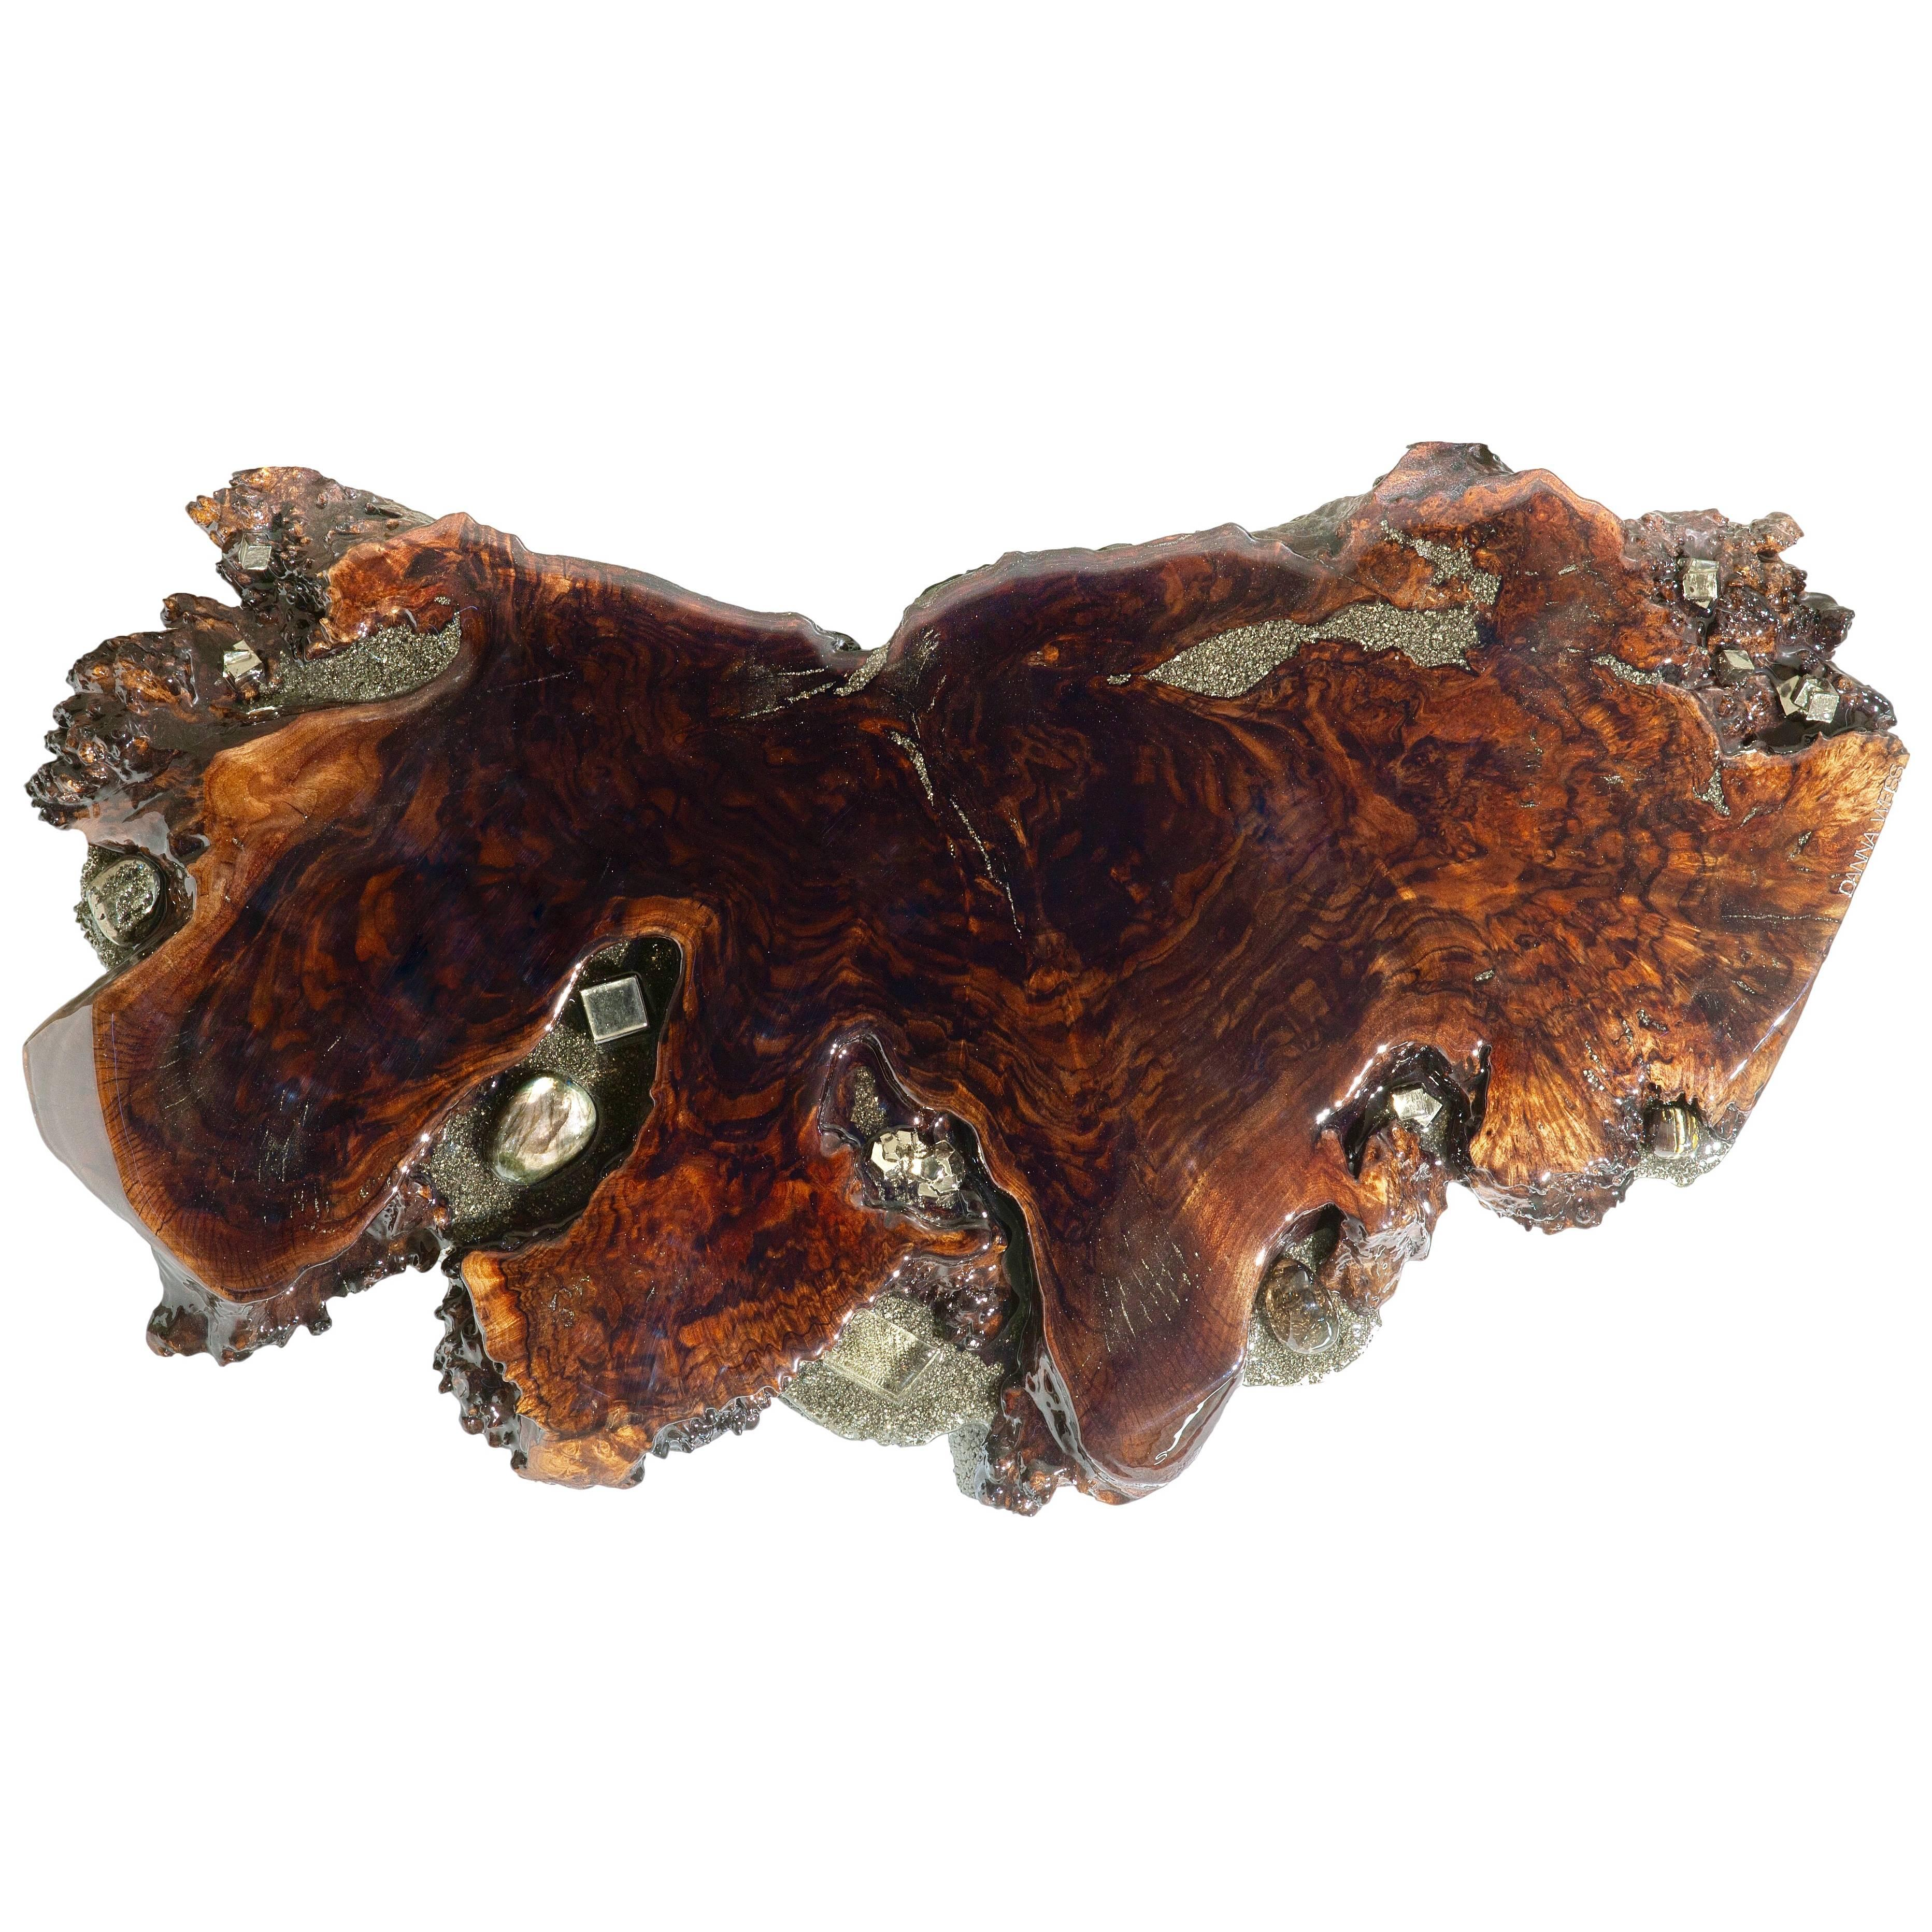 Walnut wood shelf with gemstone inlays